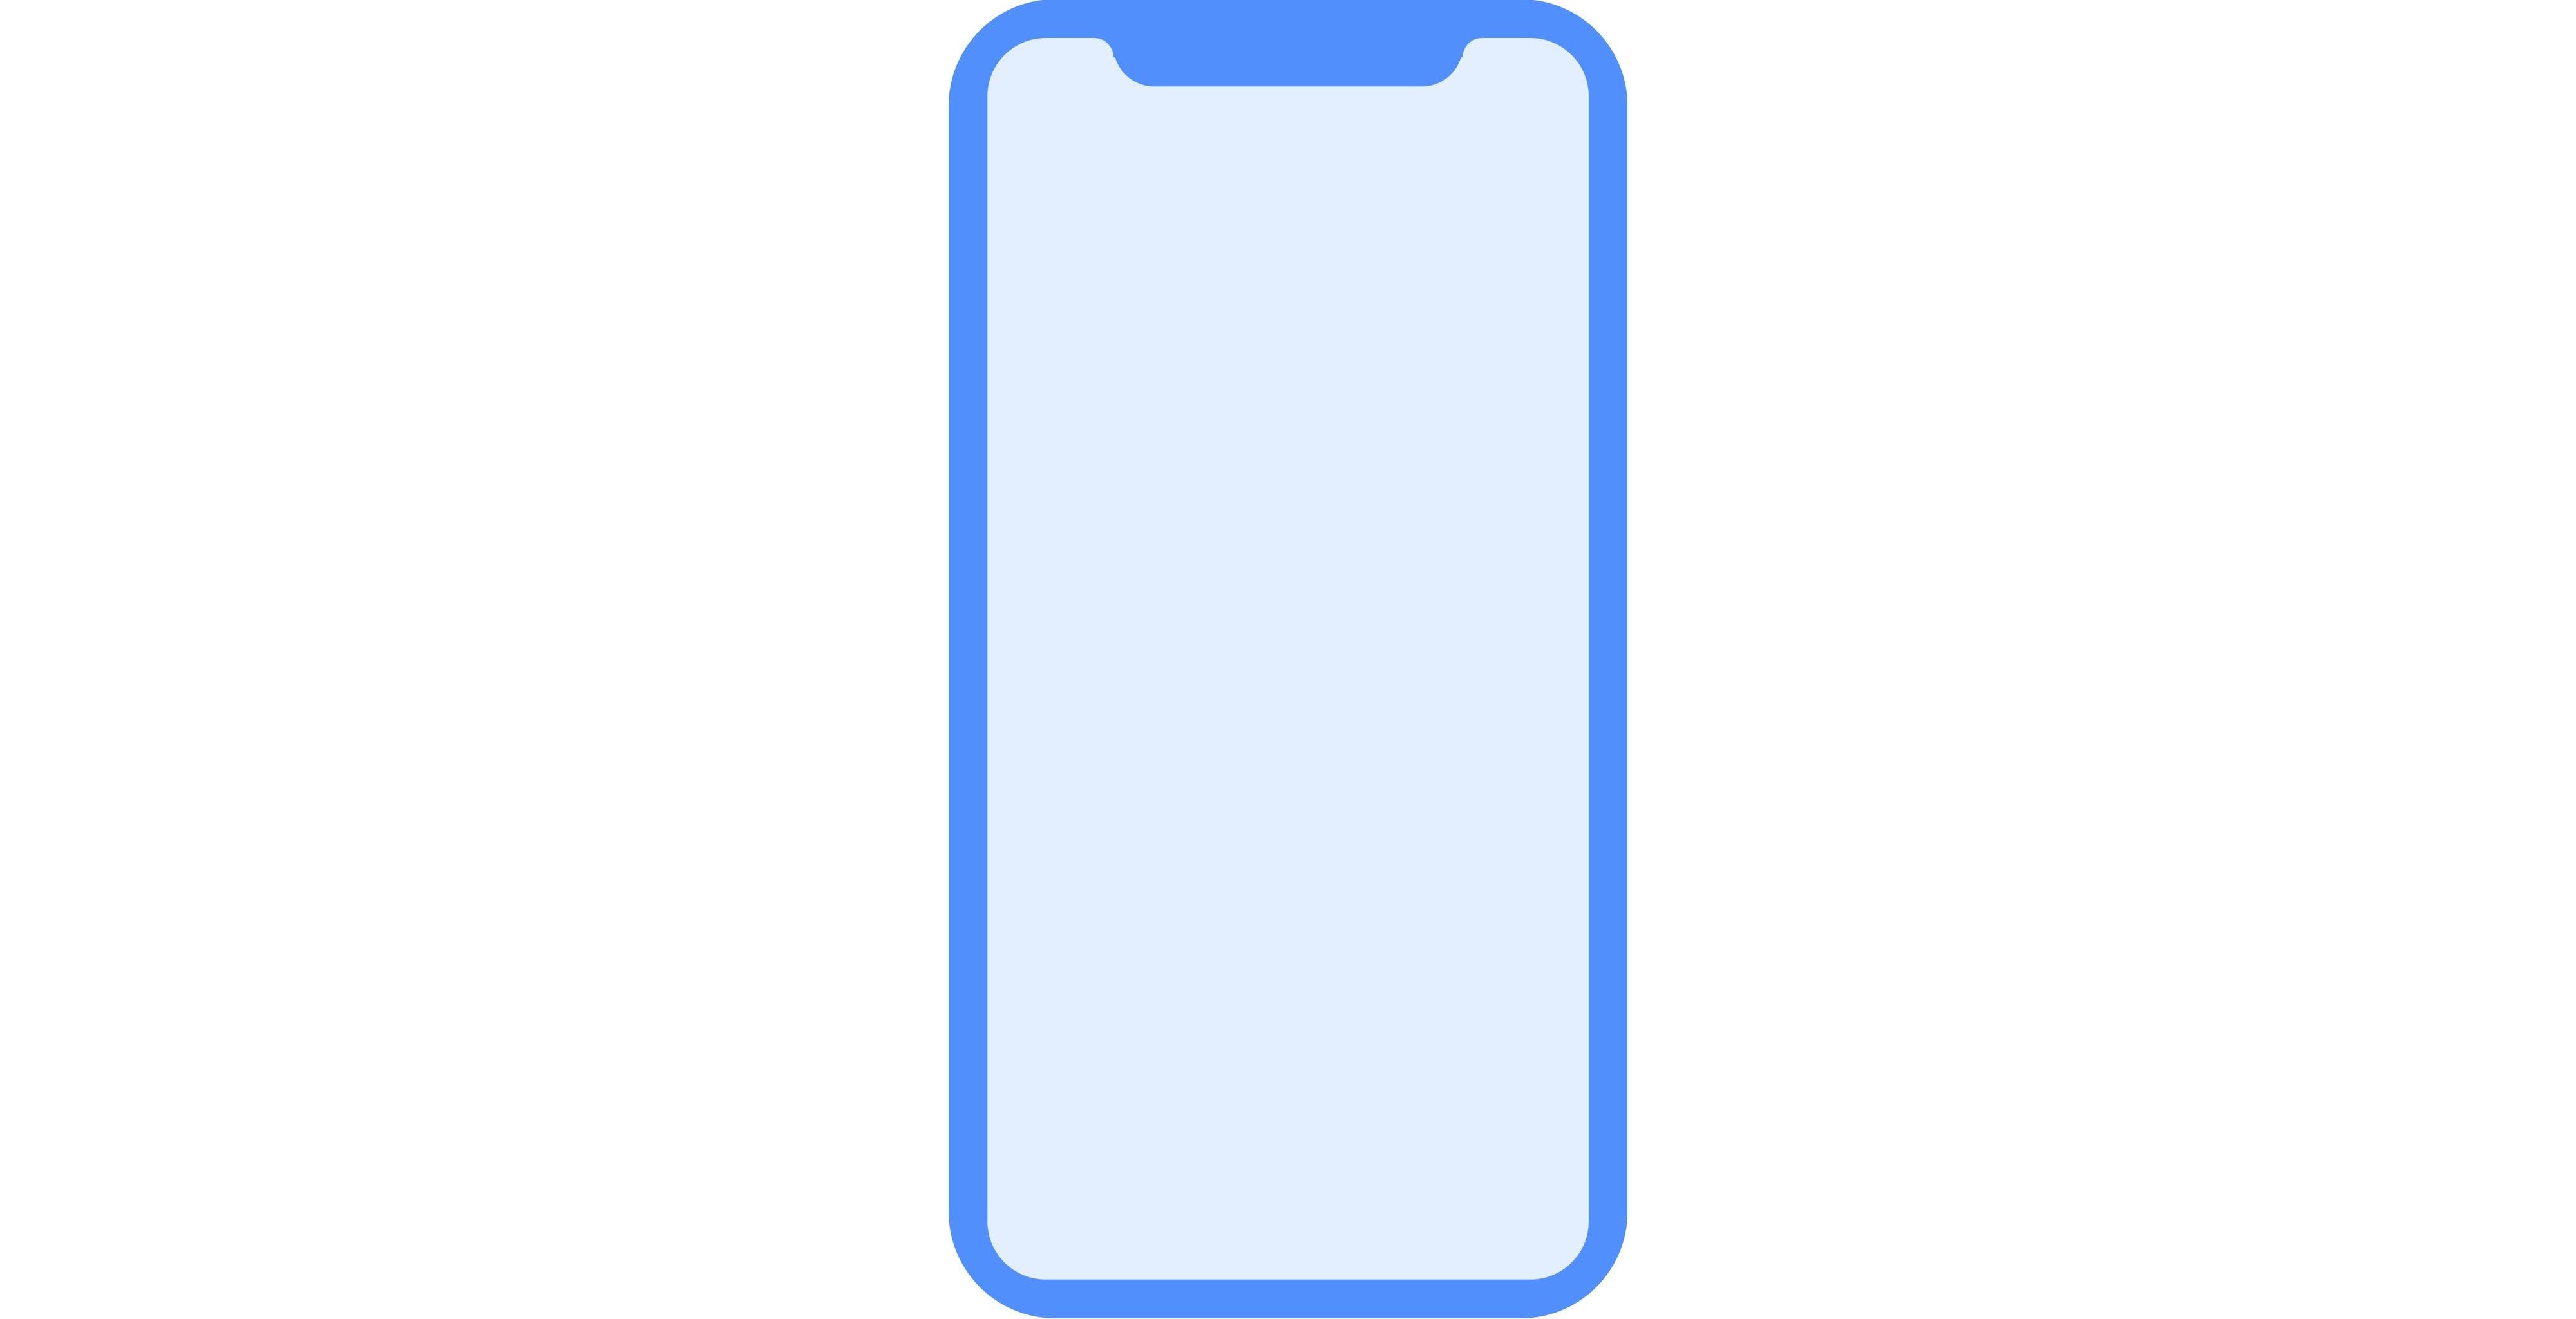 Gerücht zum iPhone 8 | Gesichtserkennung angeblich bestätigt